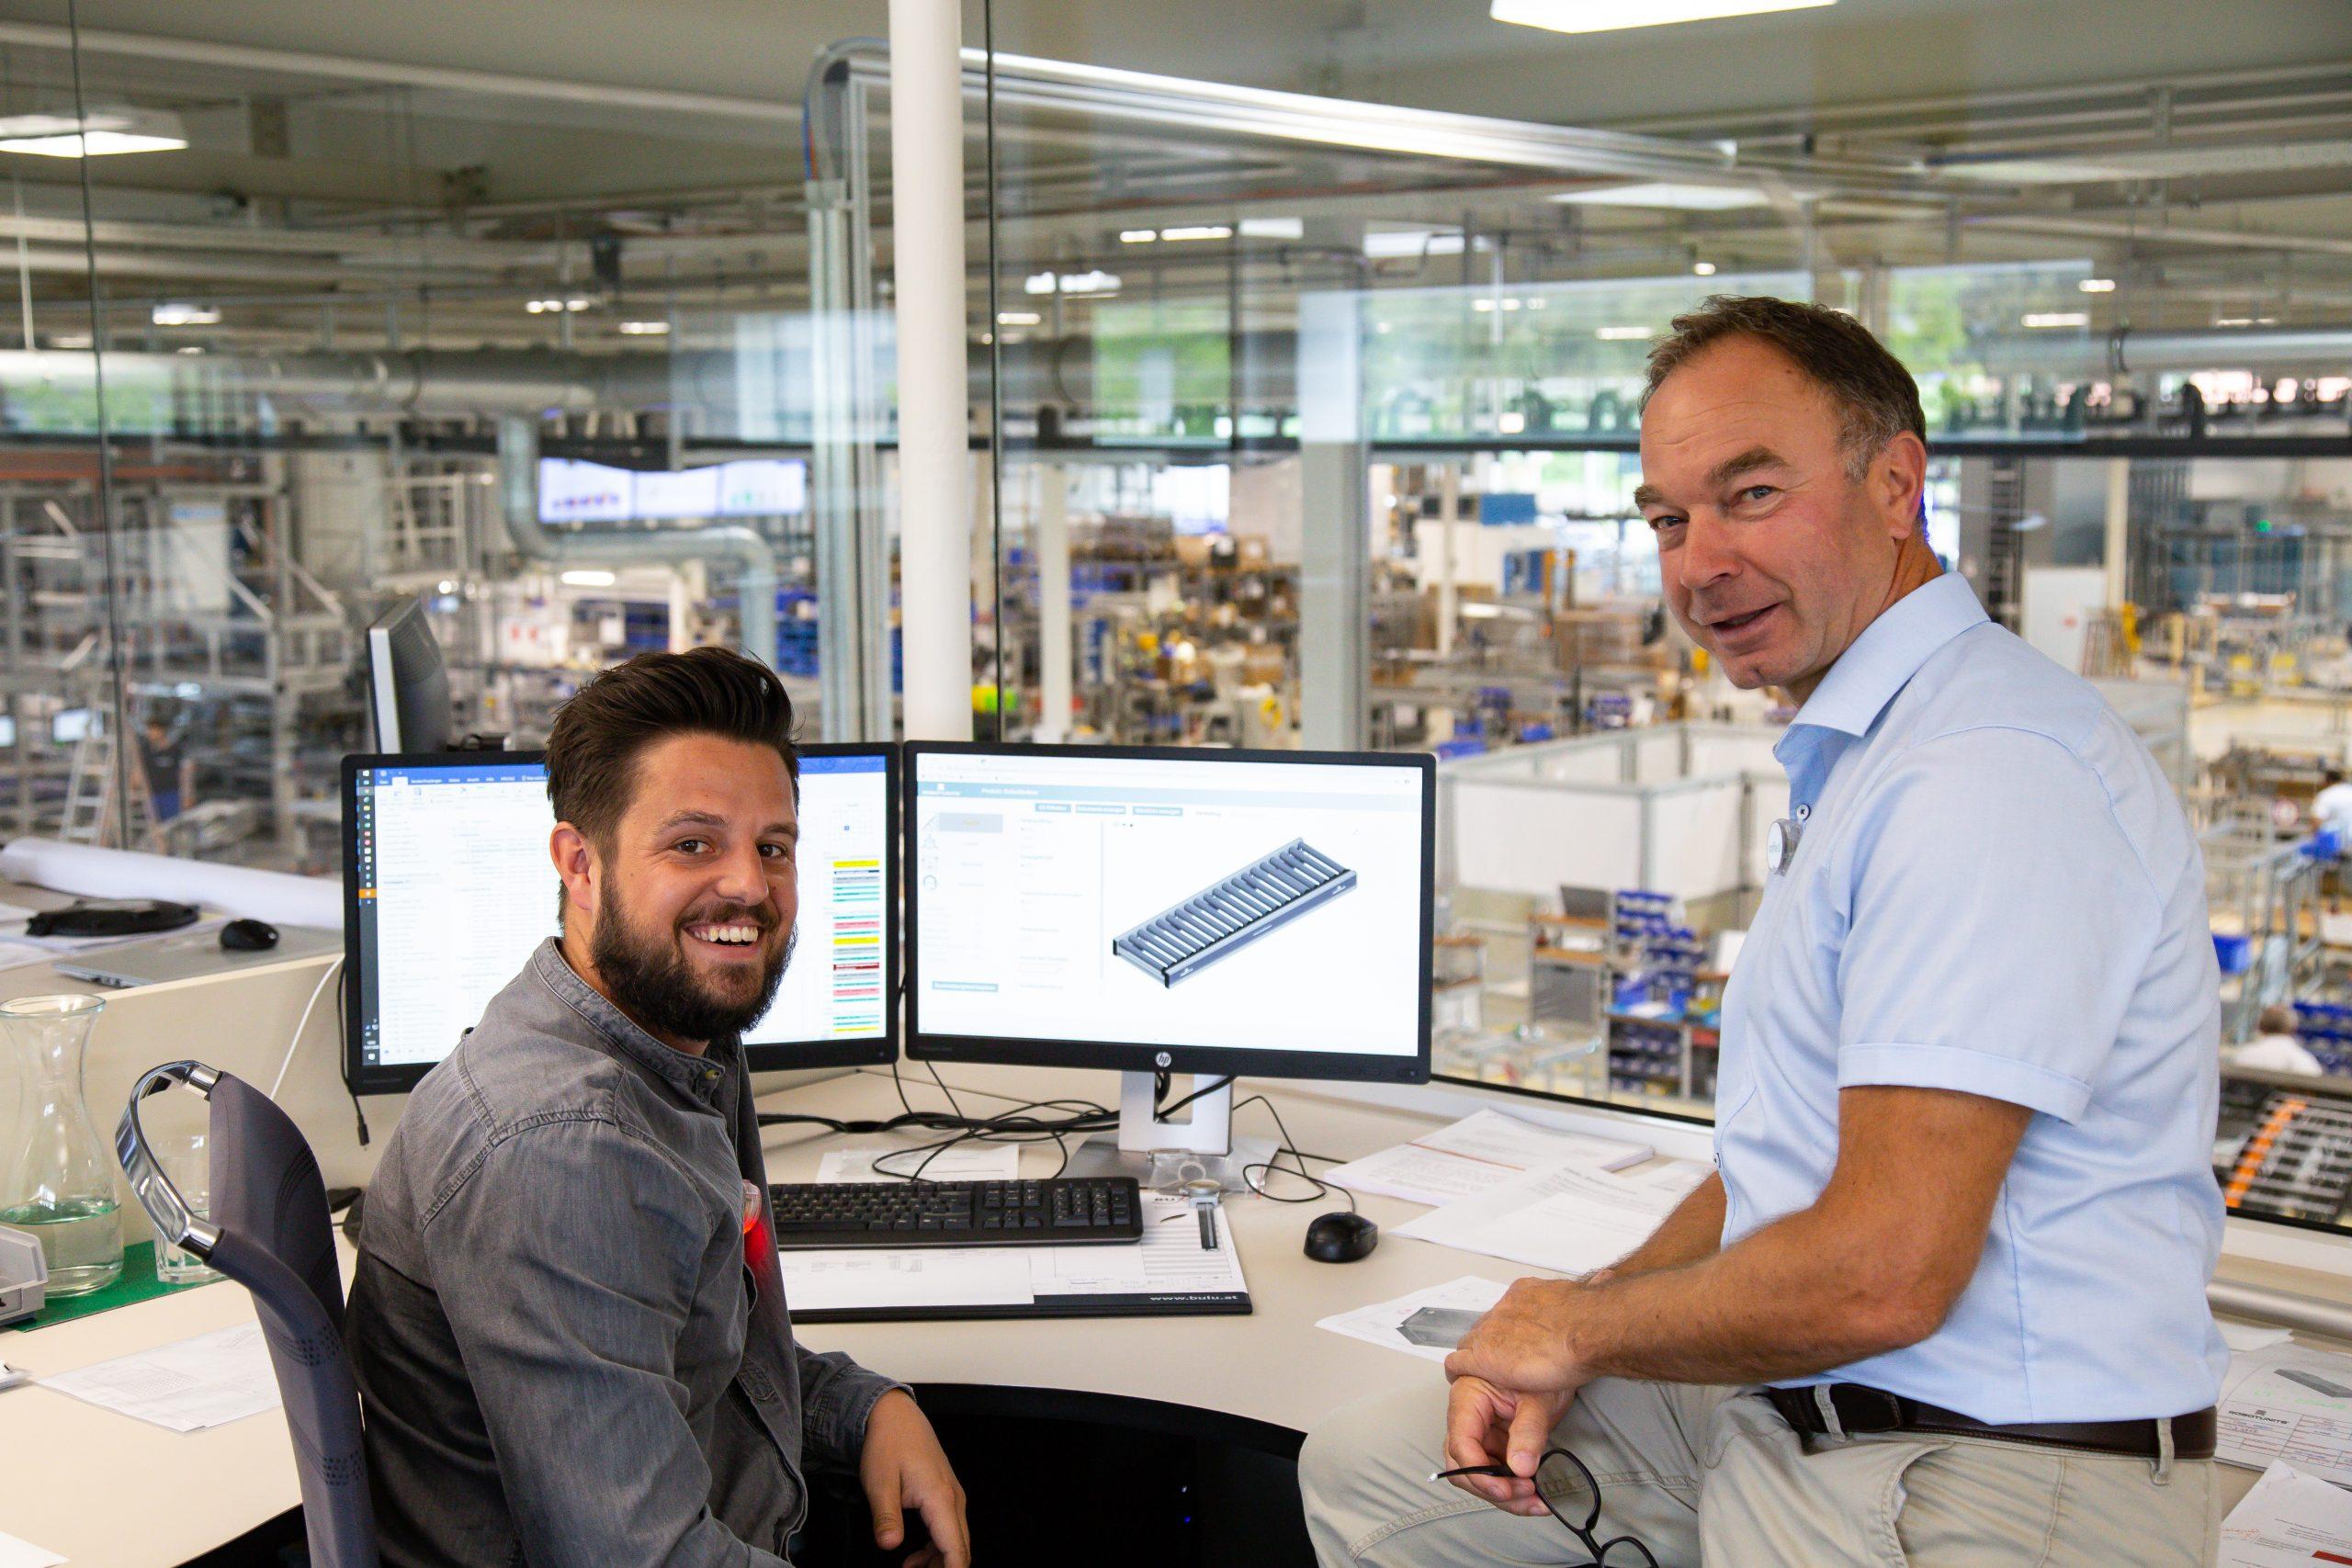 Der Einsatz der CPQ-Lösung soll dazu beitragen, dass Robotunits sein Ziel der Umsatzverdopplung in den nächsten fünf Jahren erfüllen kann. (Bild: Robotunits GmbH)